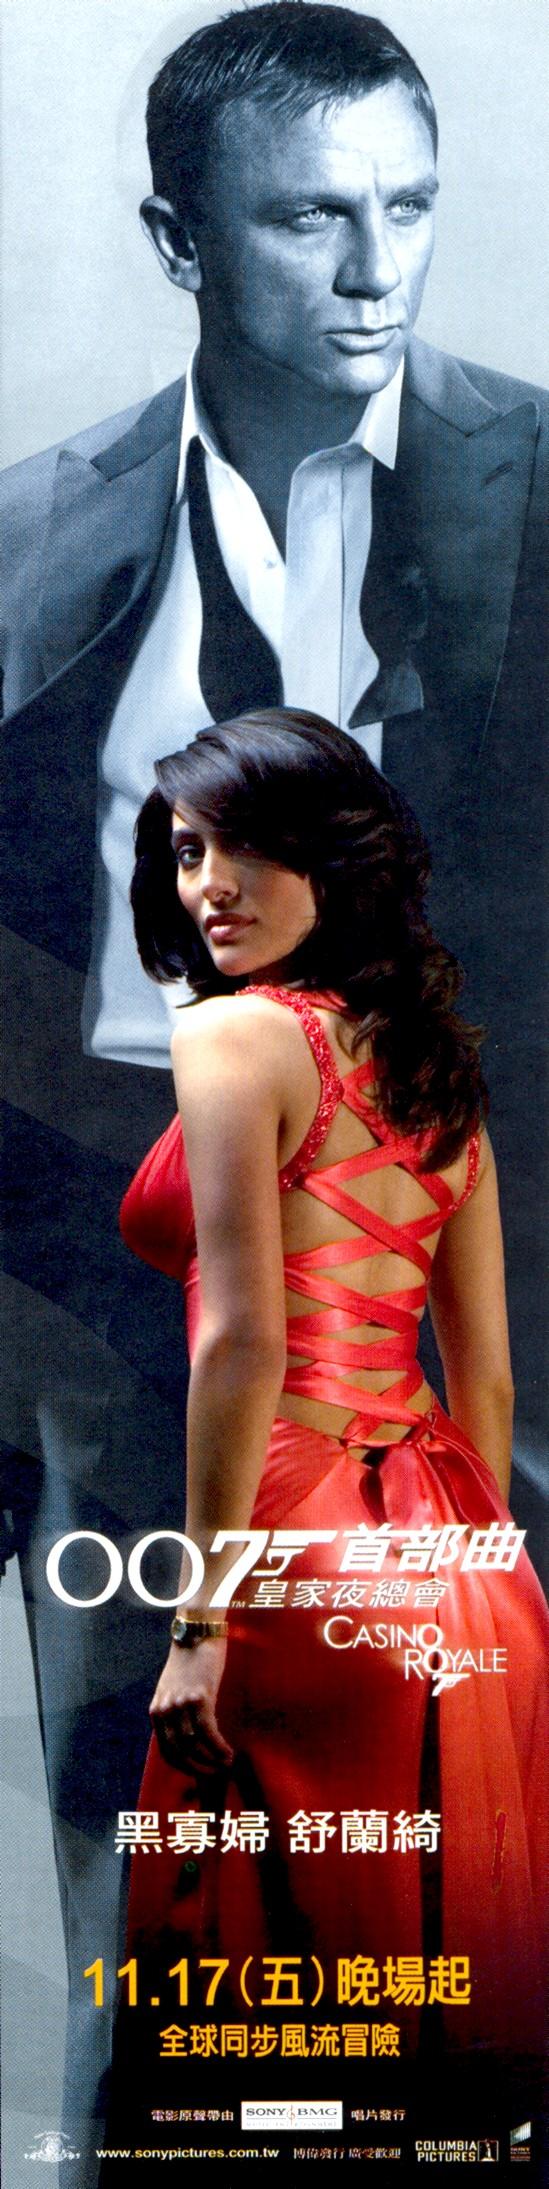 Bond Girl Casino Royale Dress Bond Girl Dress...